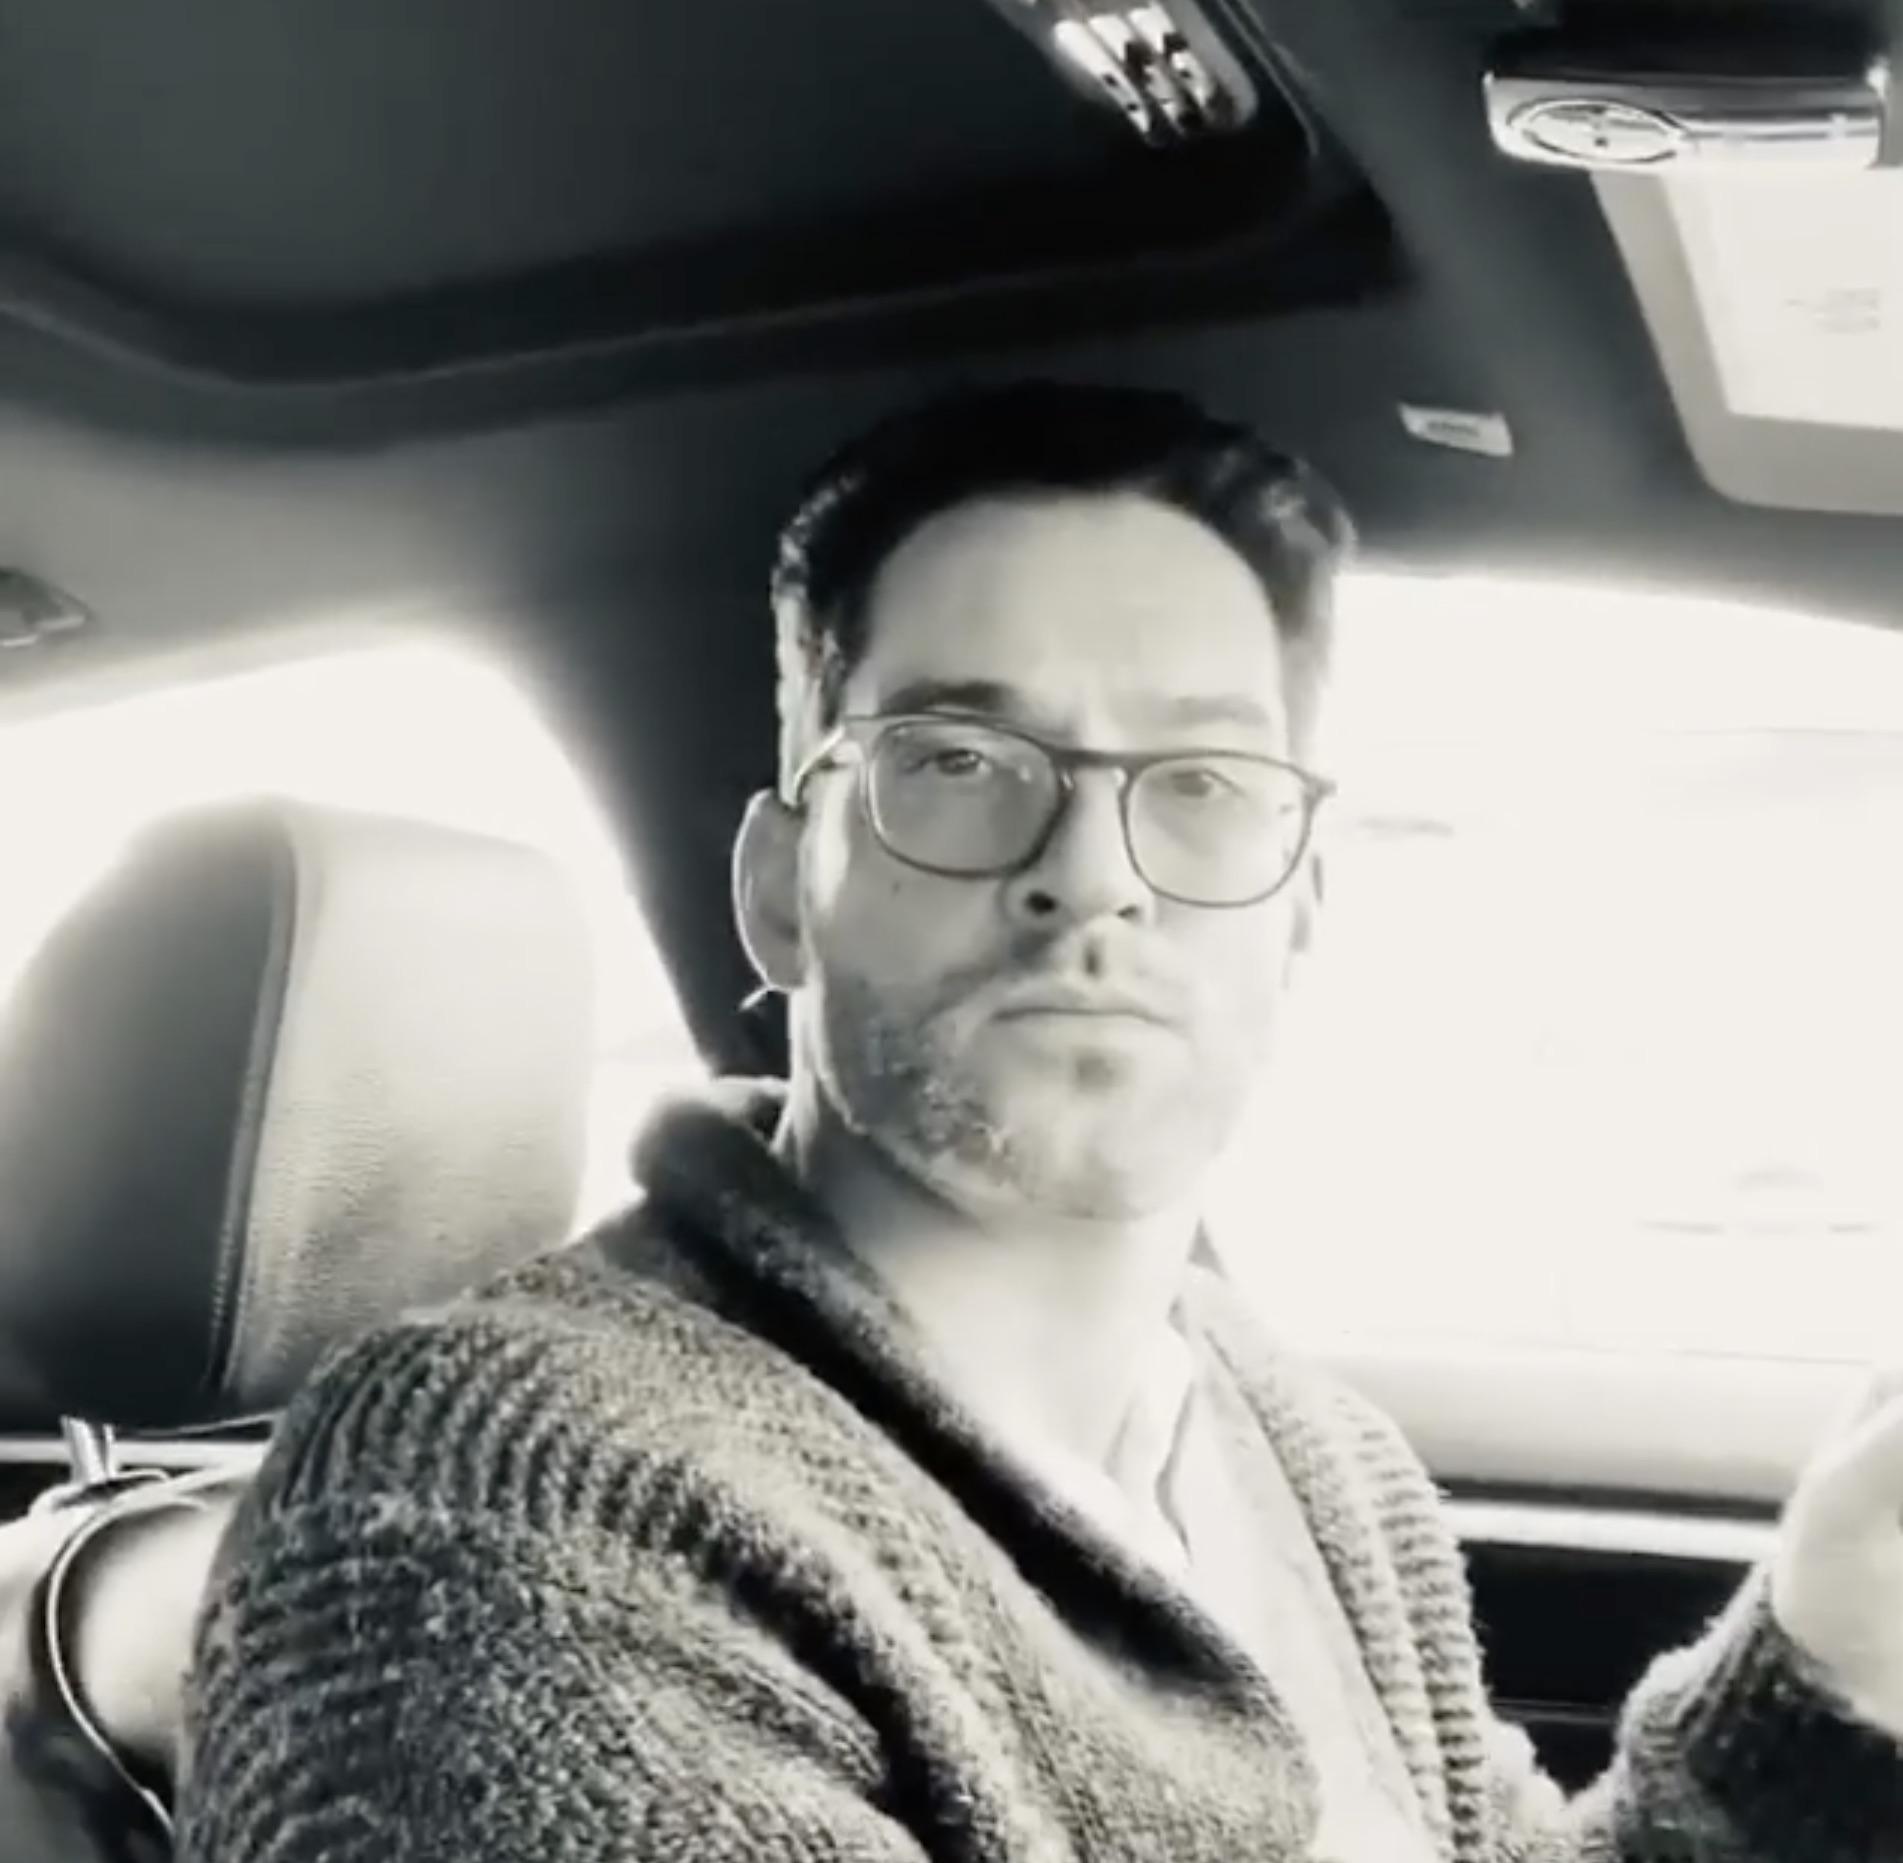 Tom Ellis, Lucifer-https://www.instagram.com/p/B84z9yYpPgs/